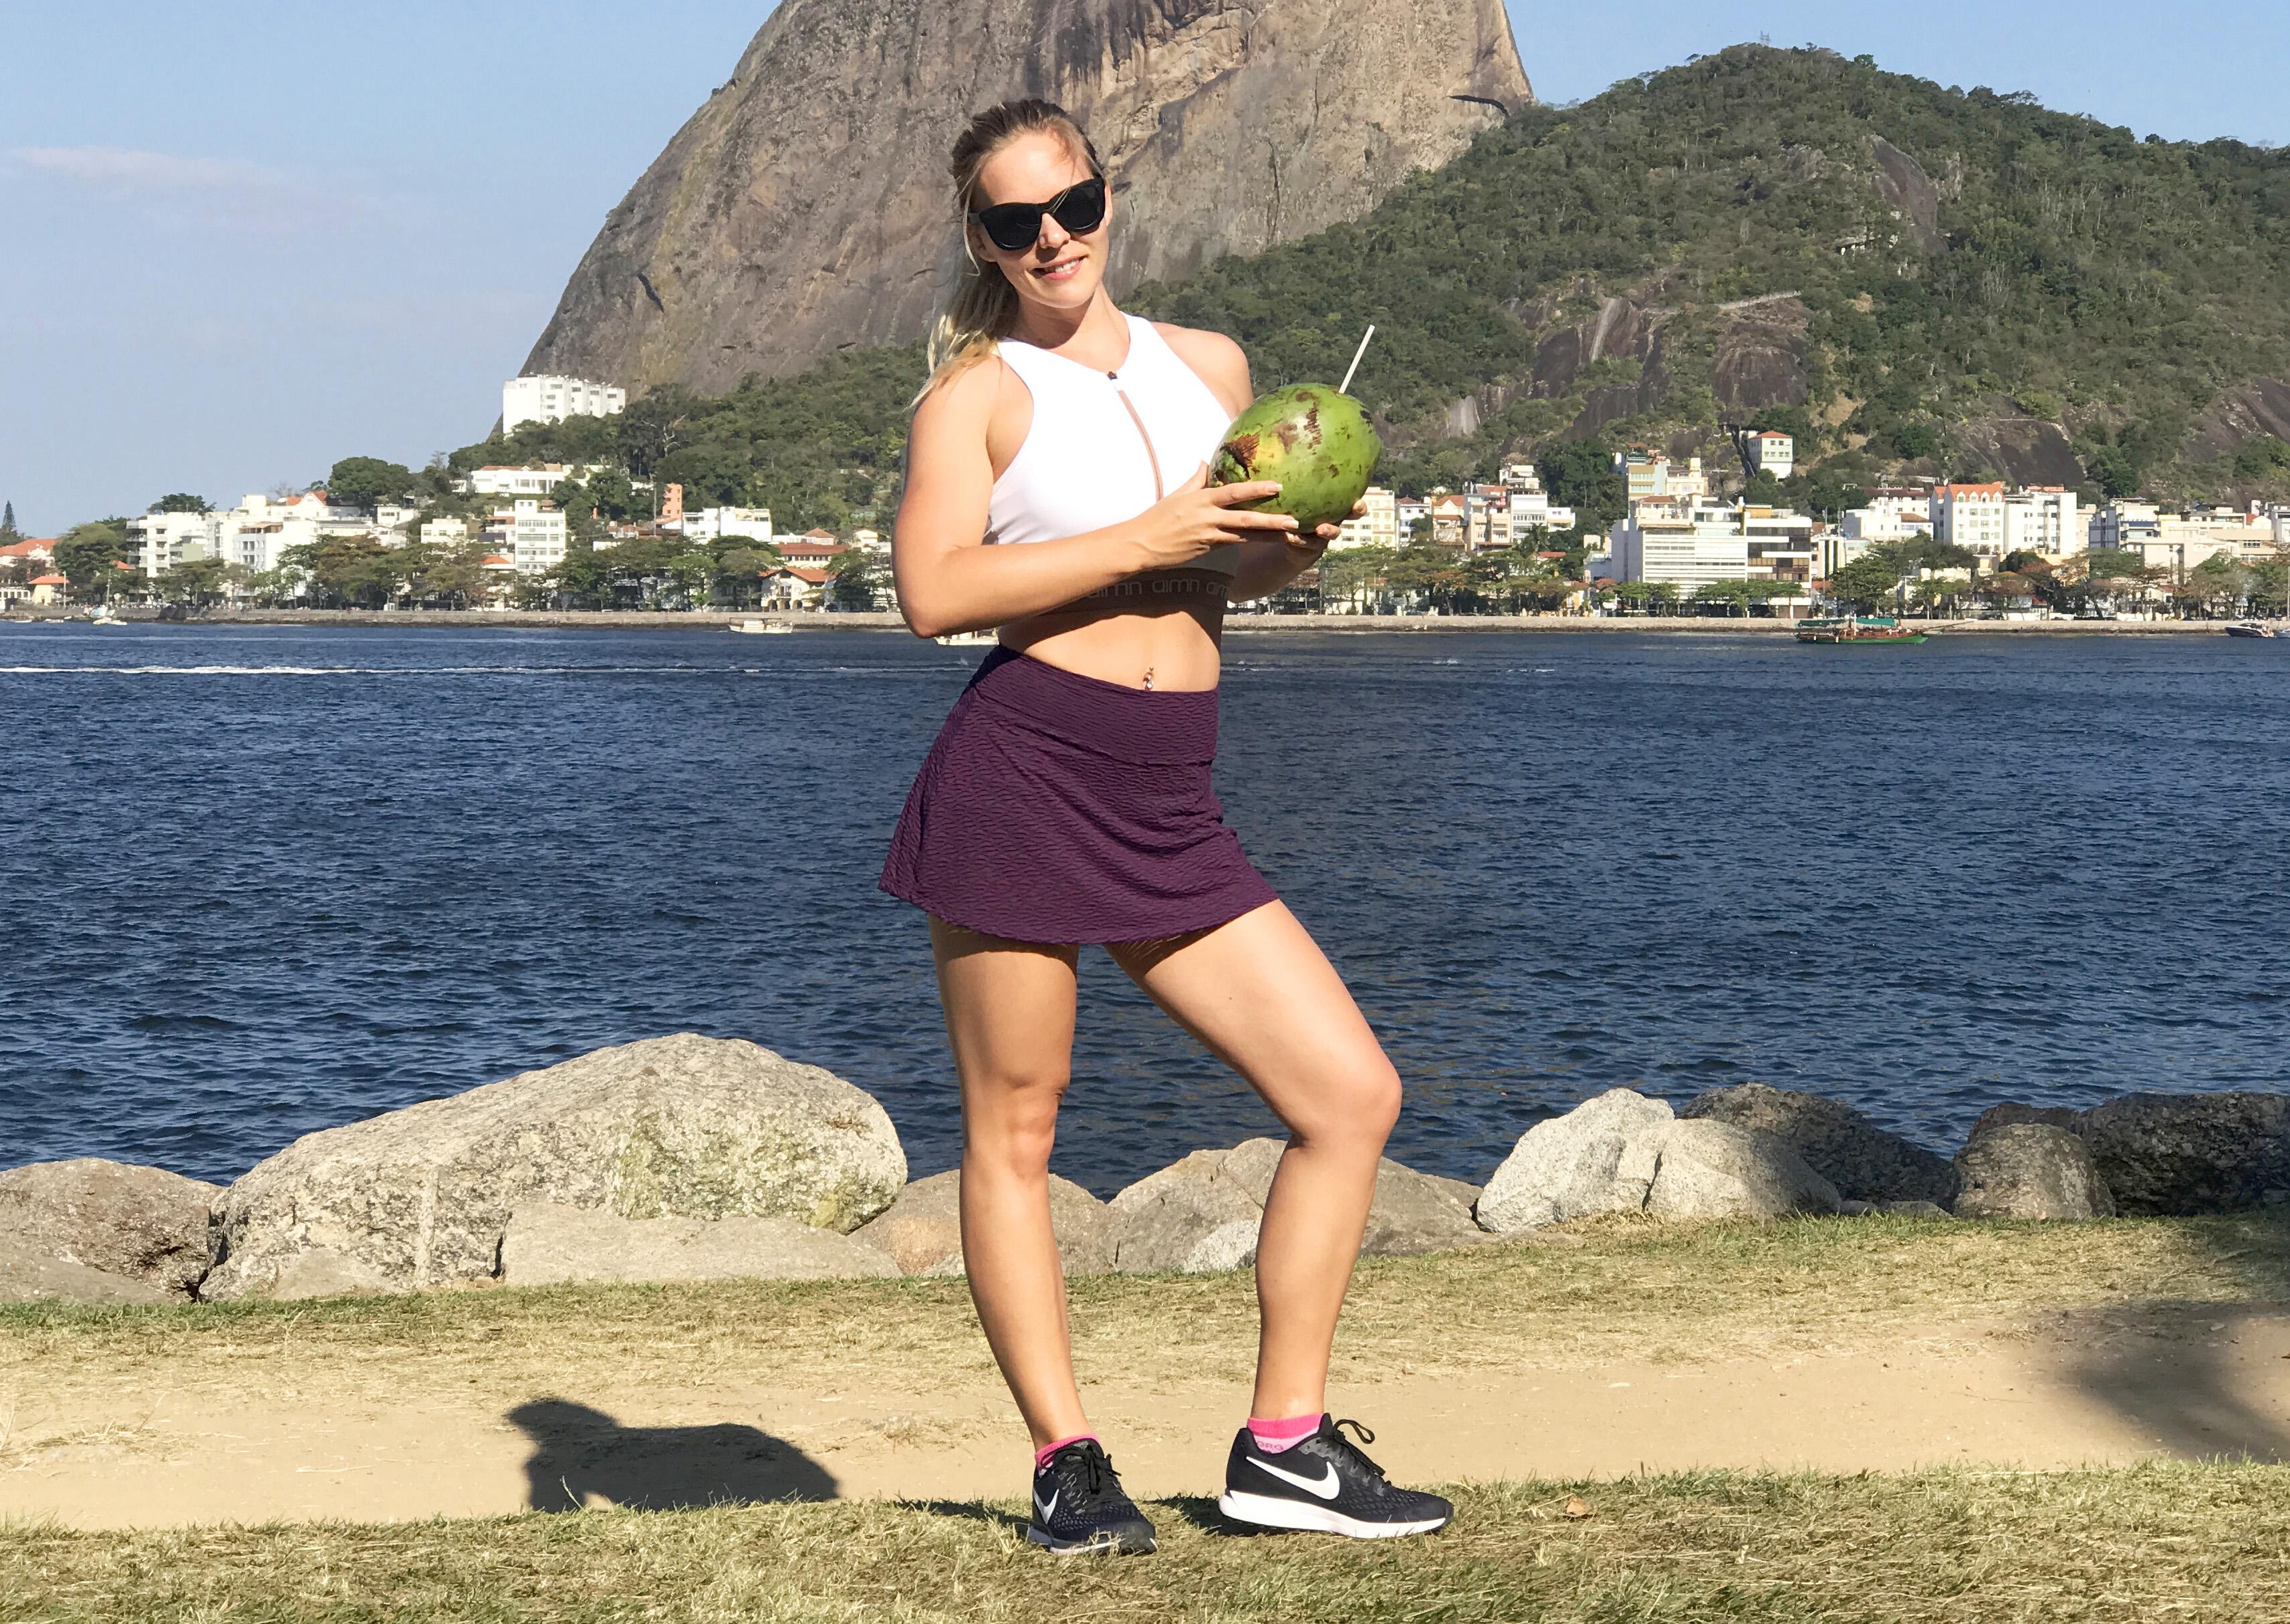 Kokosvatten elektrolyter vätskebrist träning